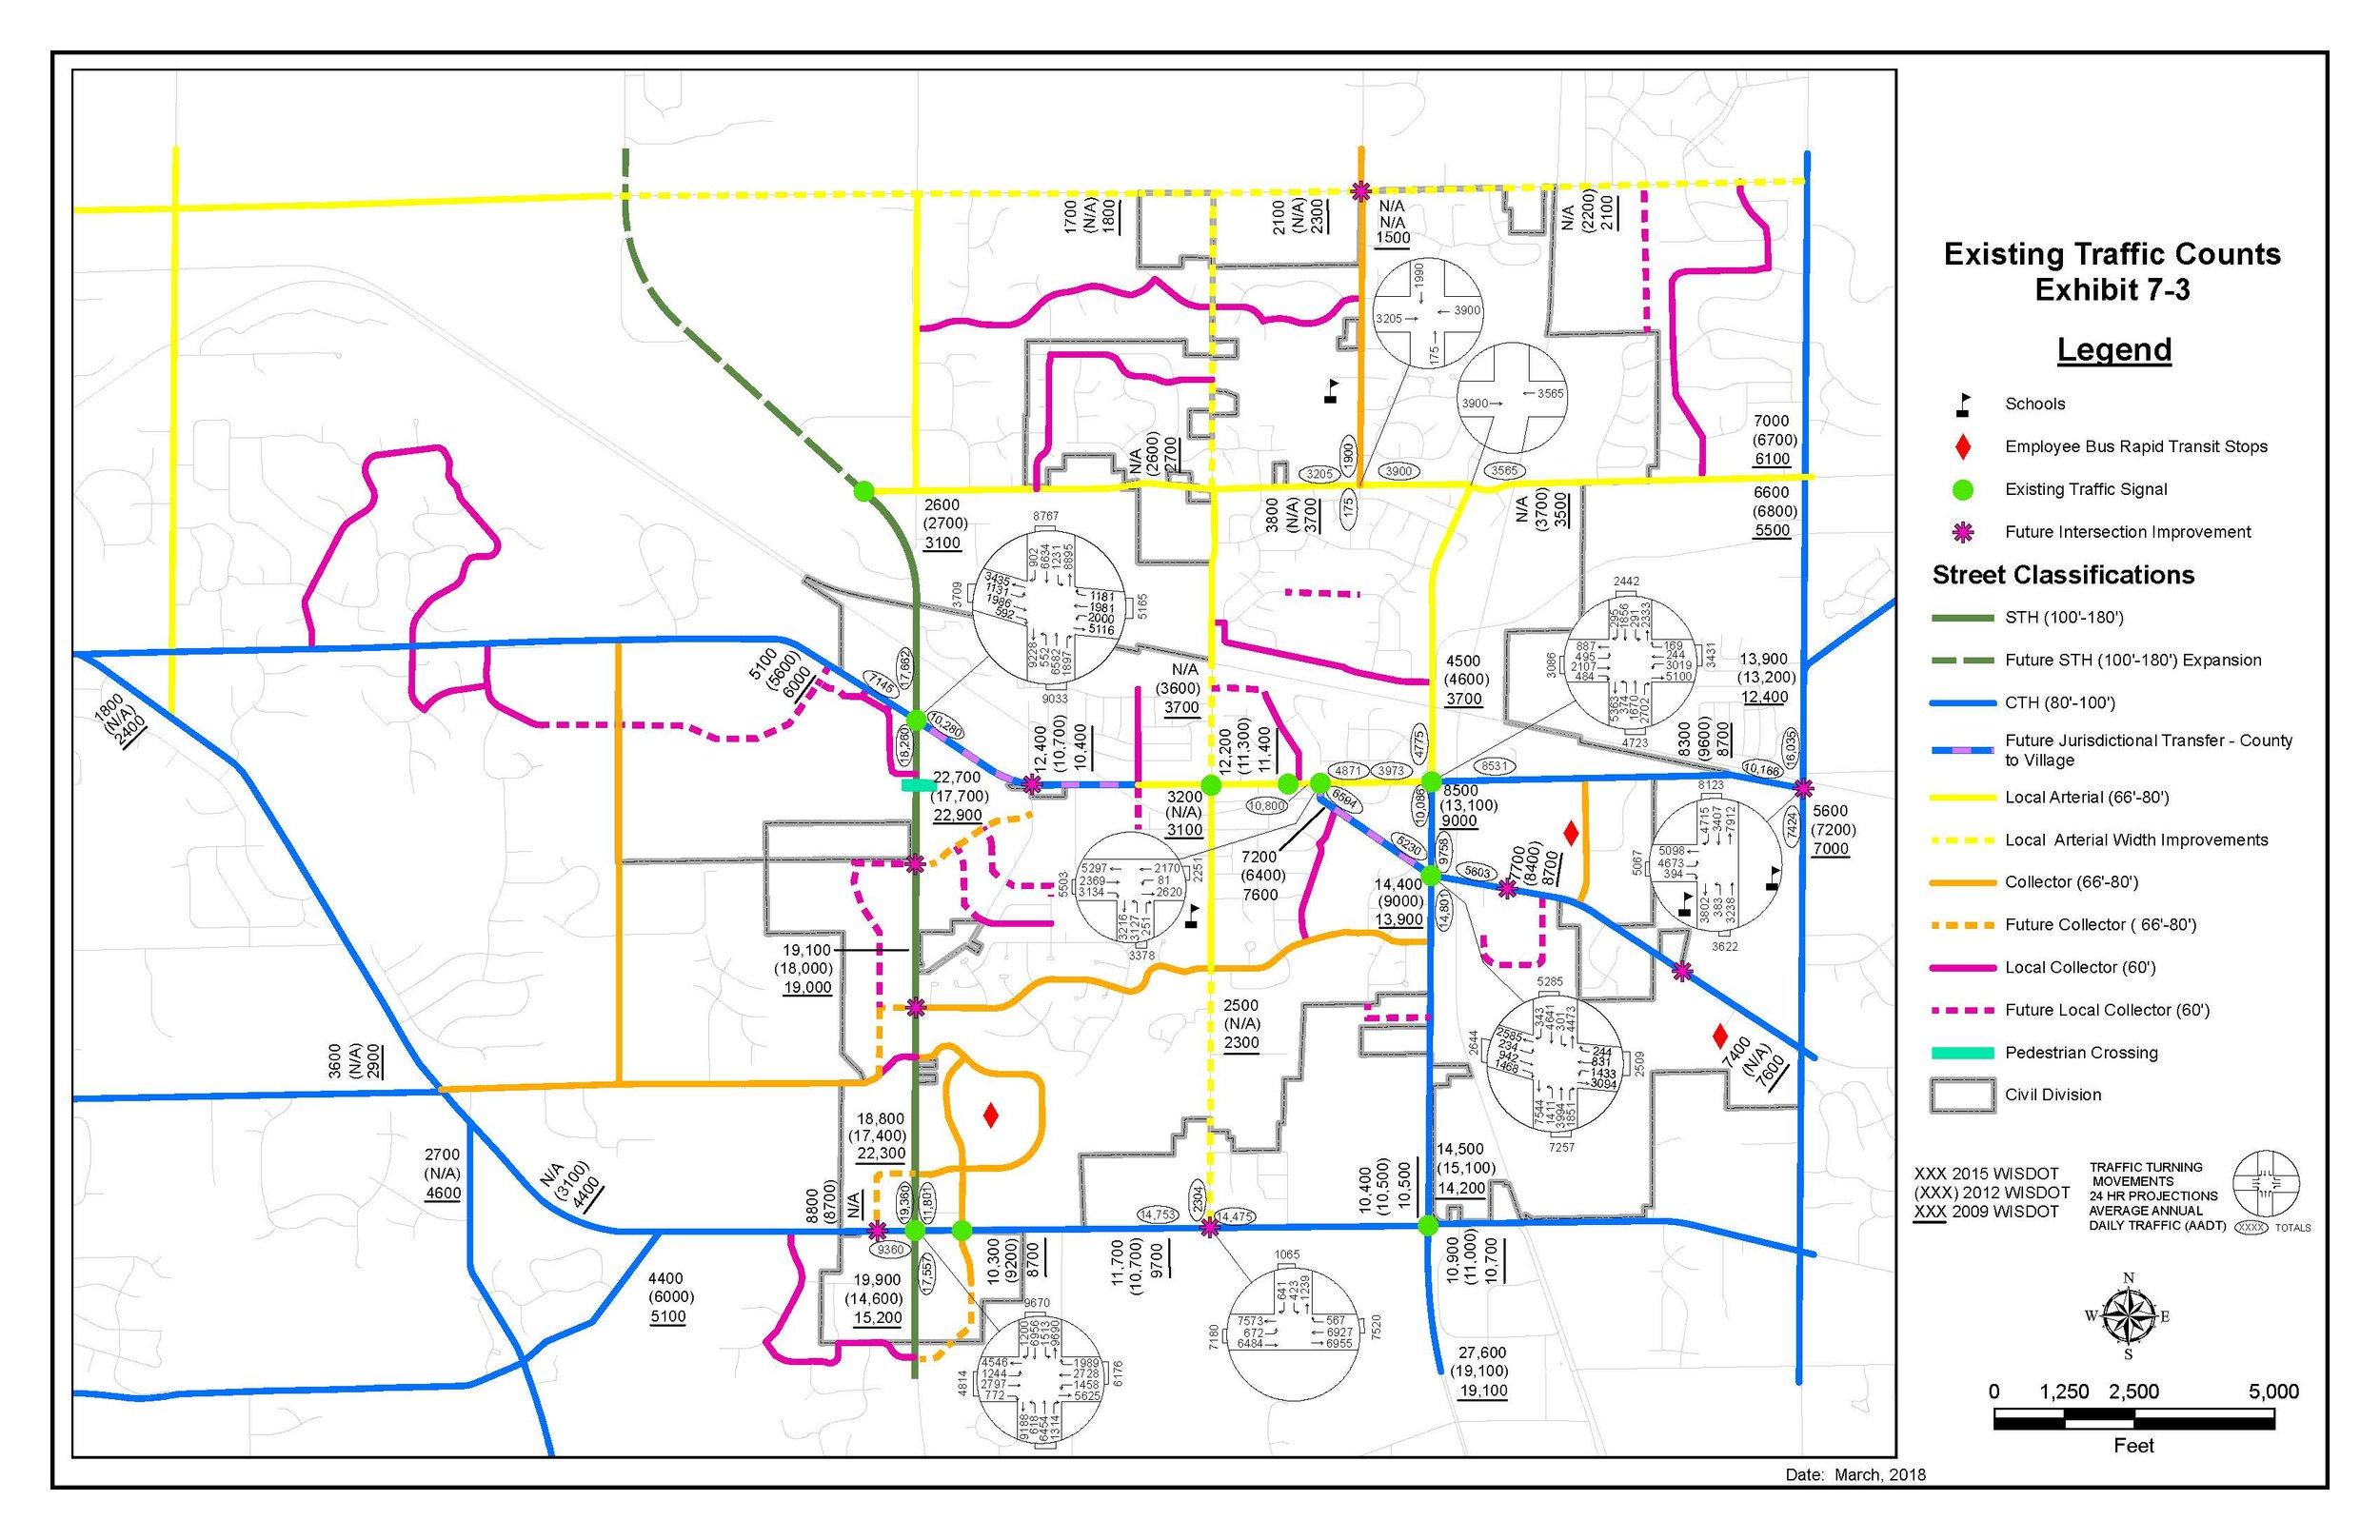 Traffic Analysis Map